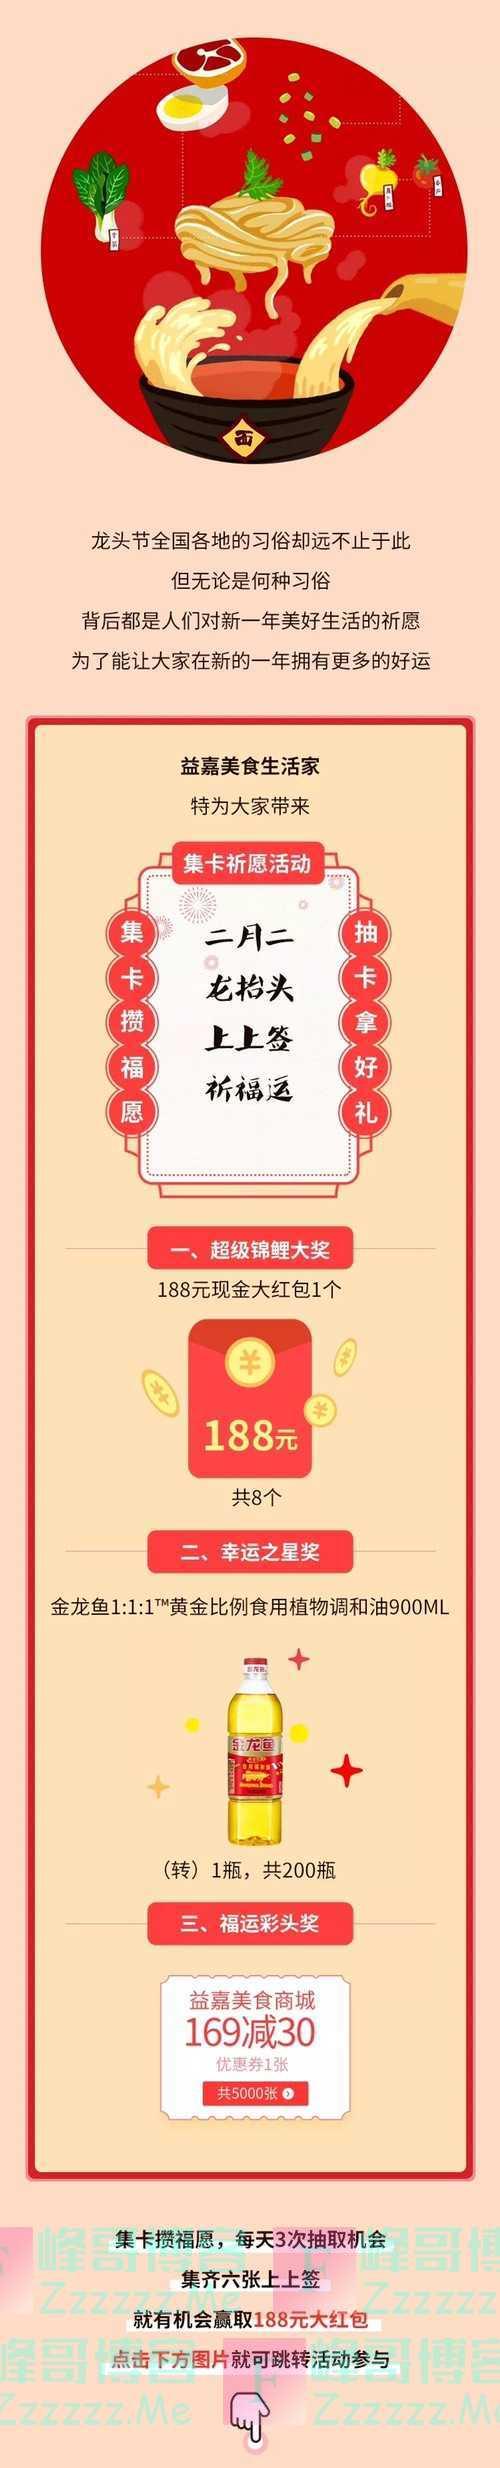 益嘉美食生活家+集卡抽188红包&互动话题(2月25日截止)